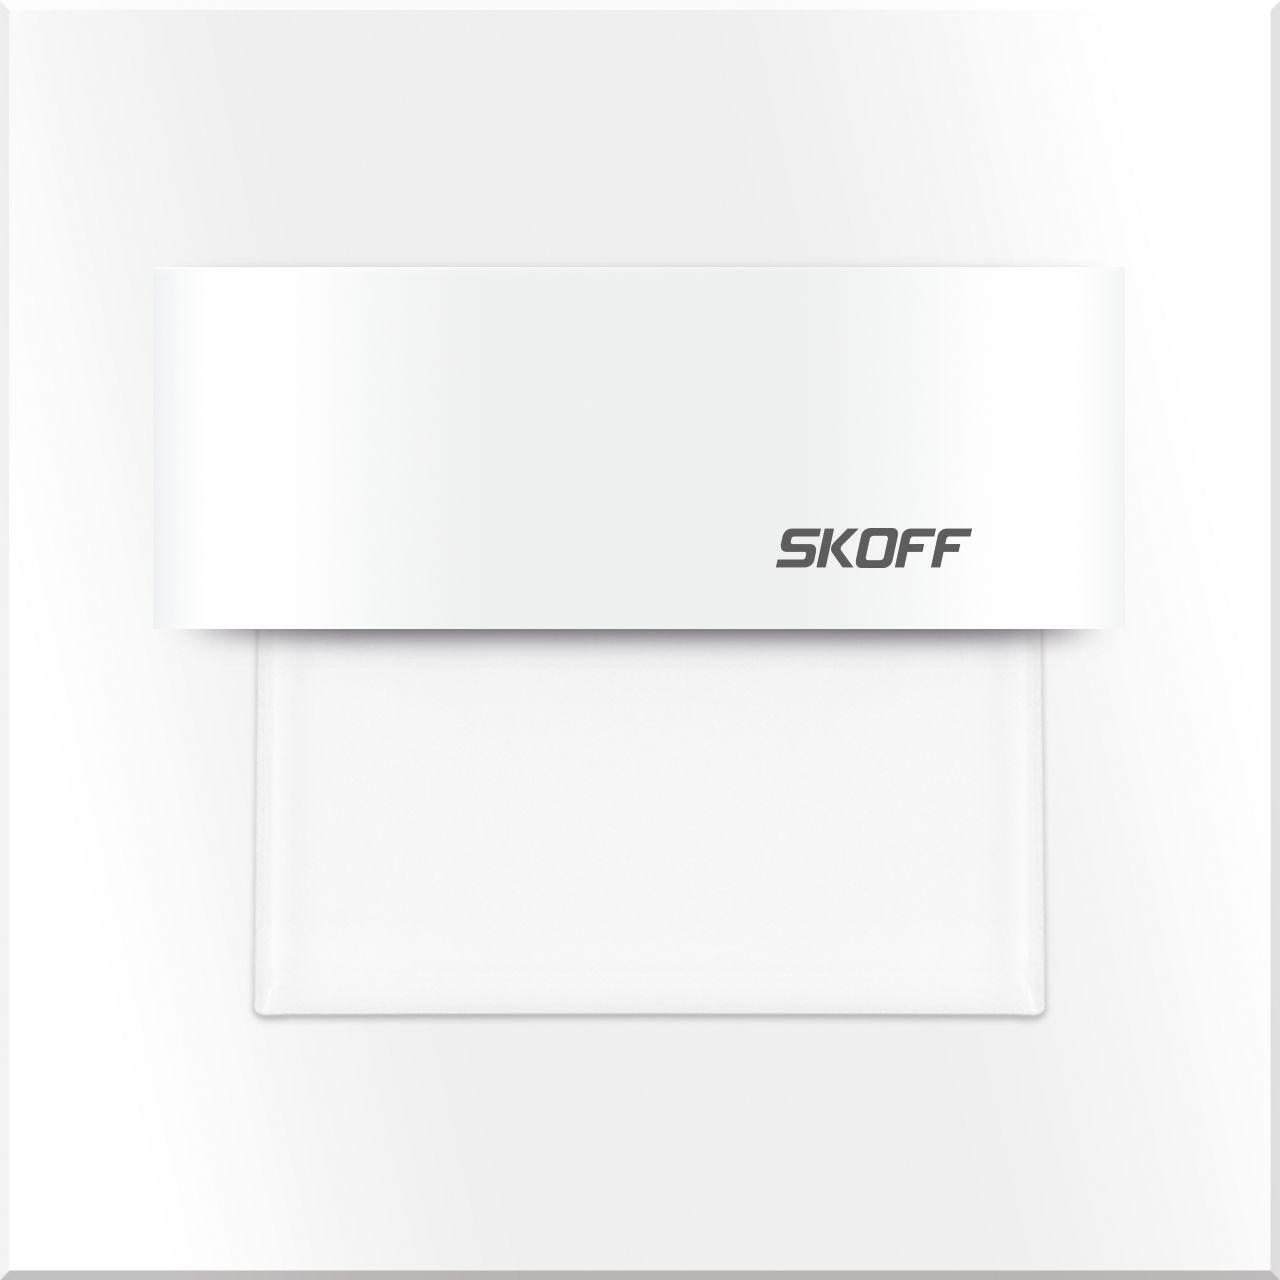 Oprawa schodowa Tango Skoff kwadratowa oprawa w kolorze białym